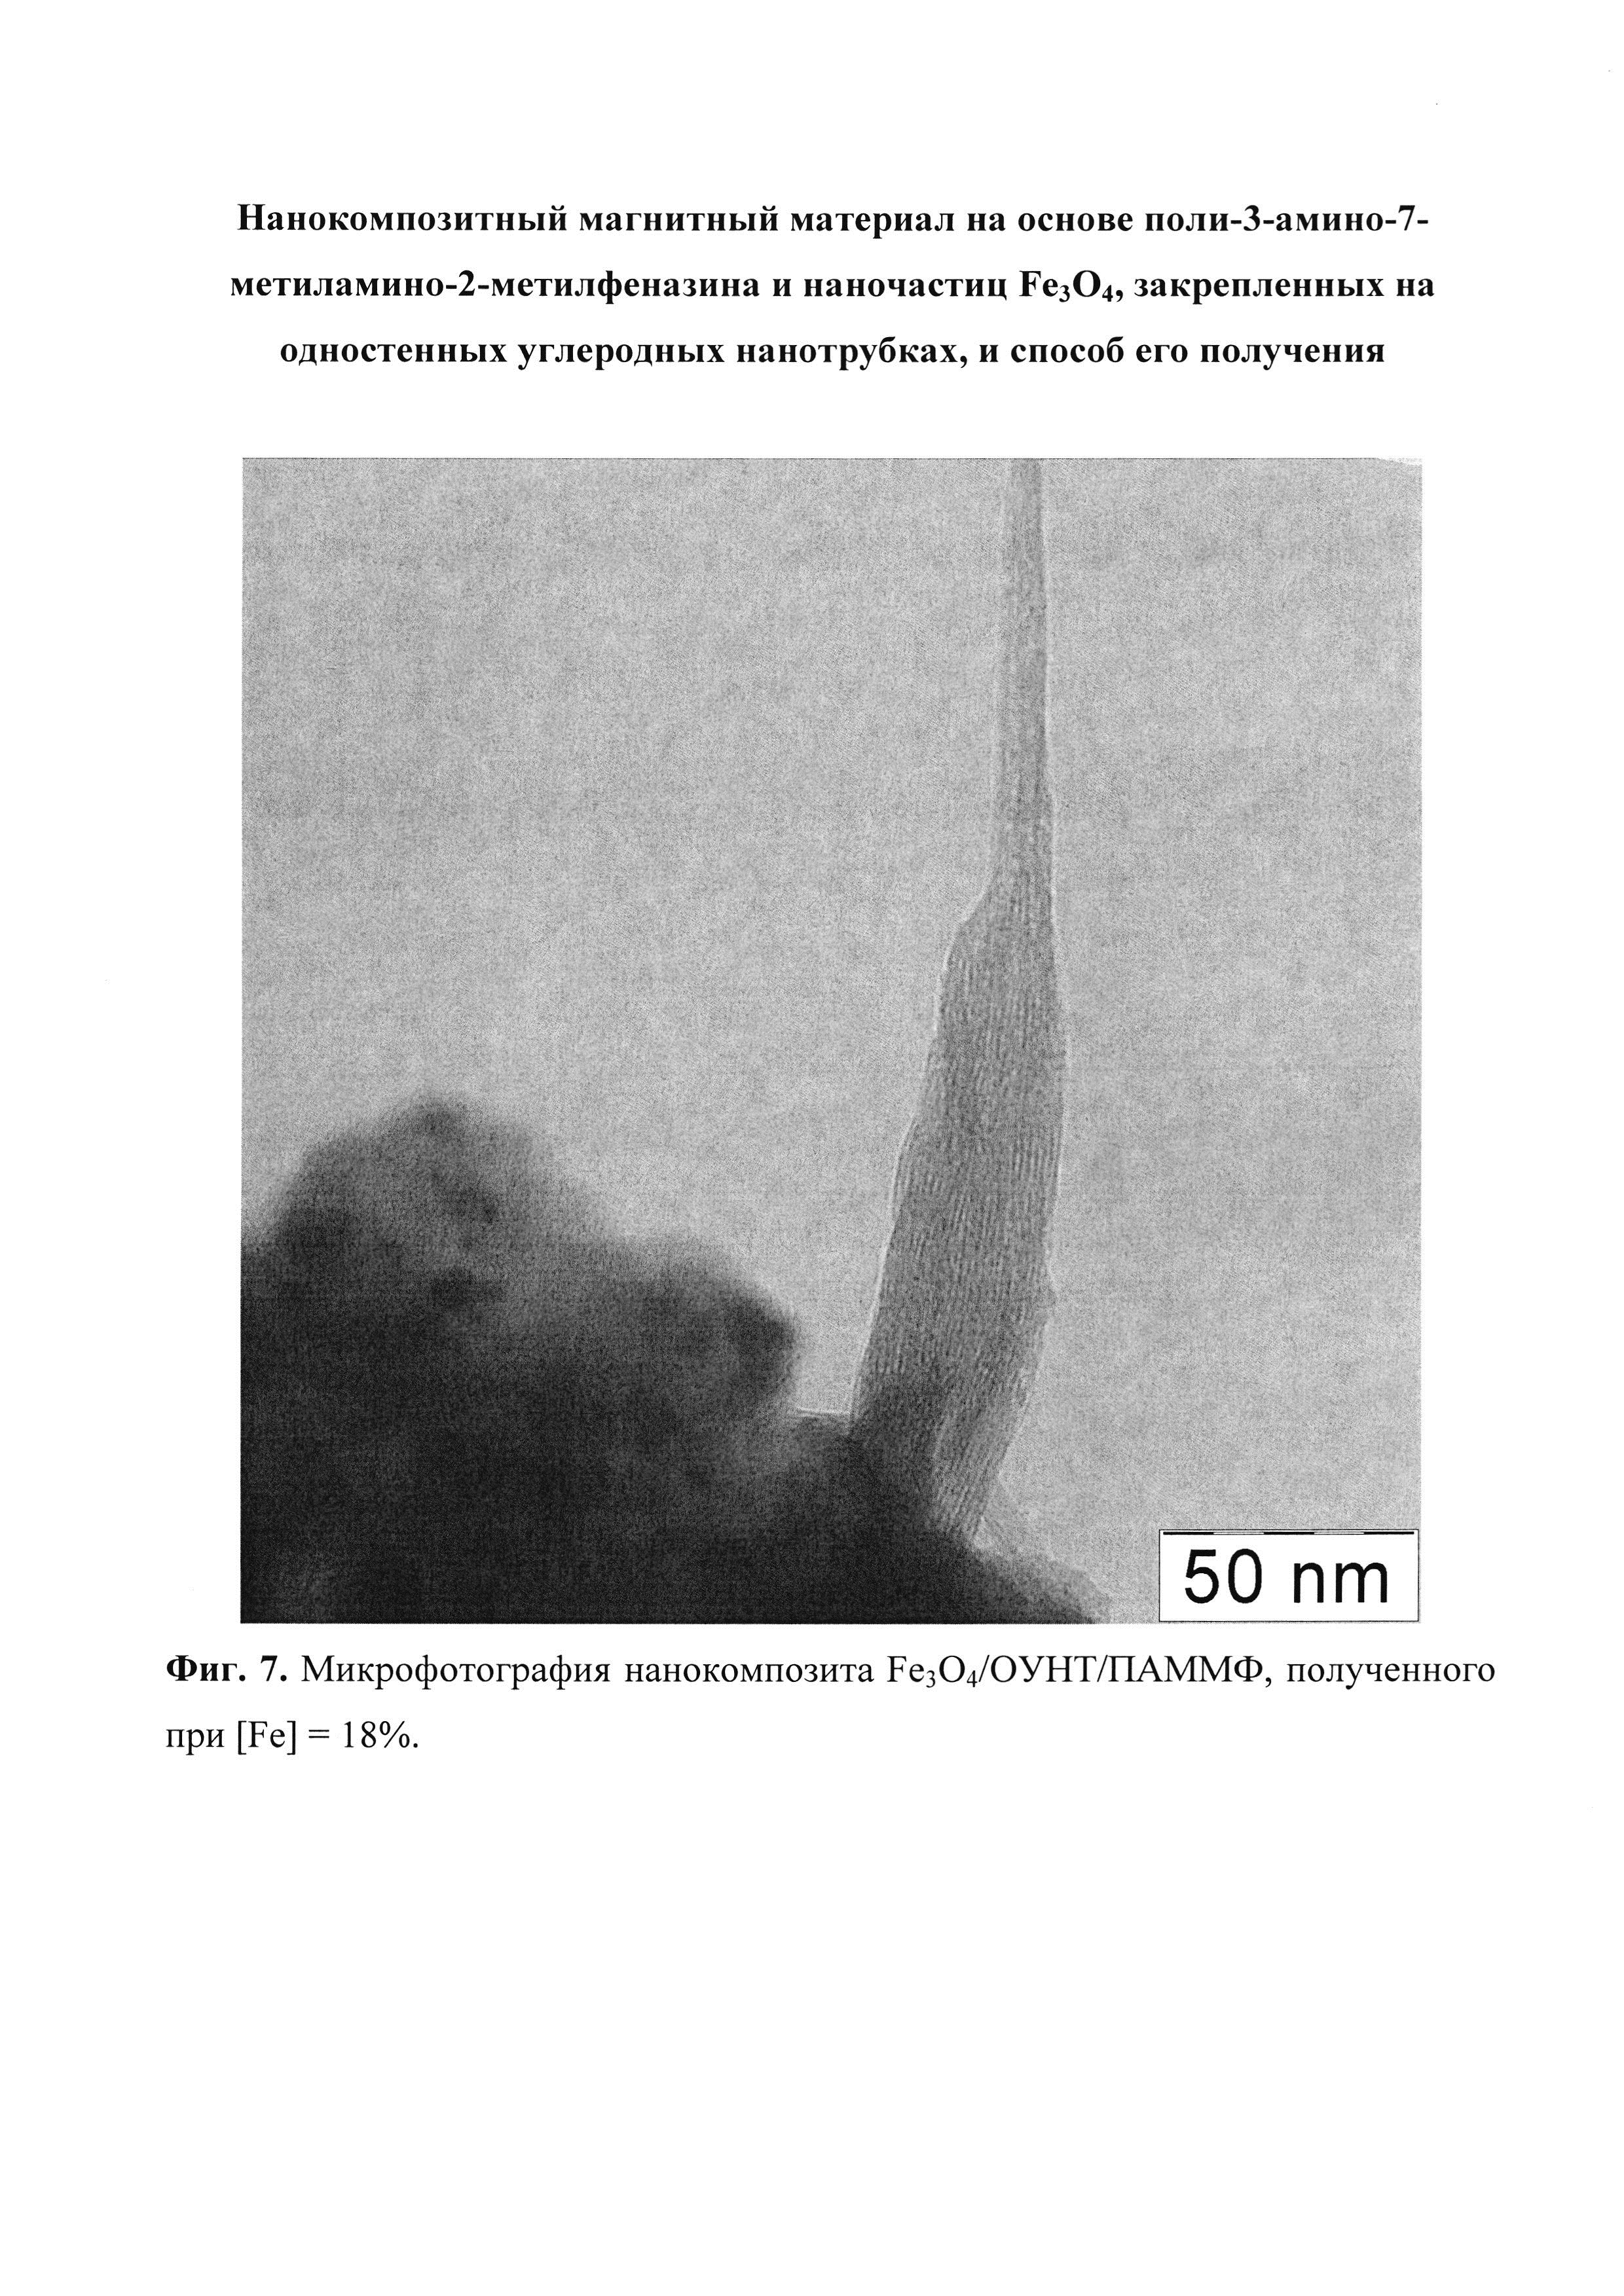 Нанокомпозитный магнитный материал на основе поли-3-амино-7-метиламино-2-метилфеназина и наночастиц FeO, закрепленных на одностенных углеродных нанотрубках, и способ его получения